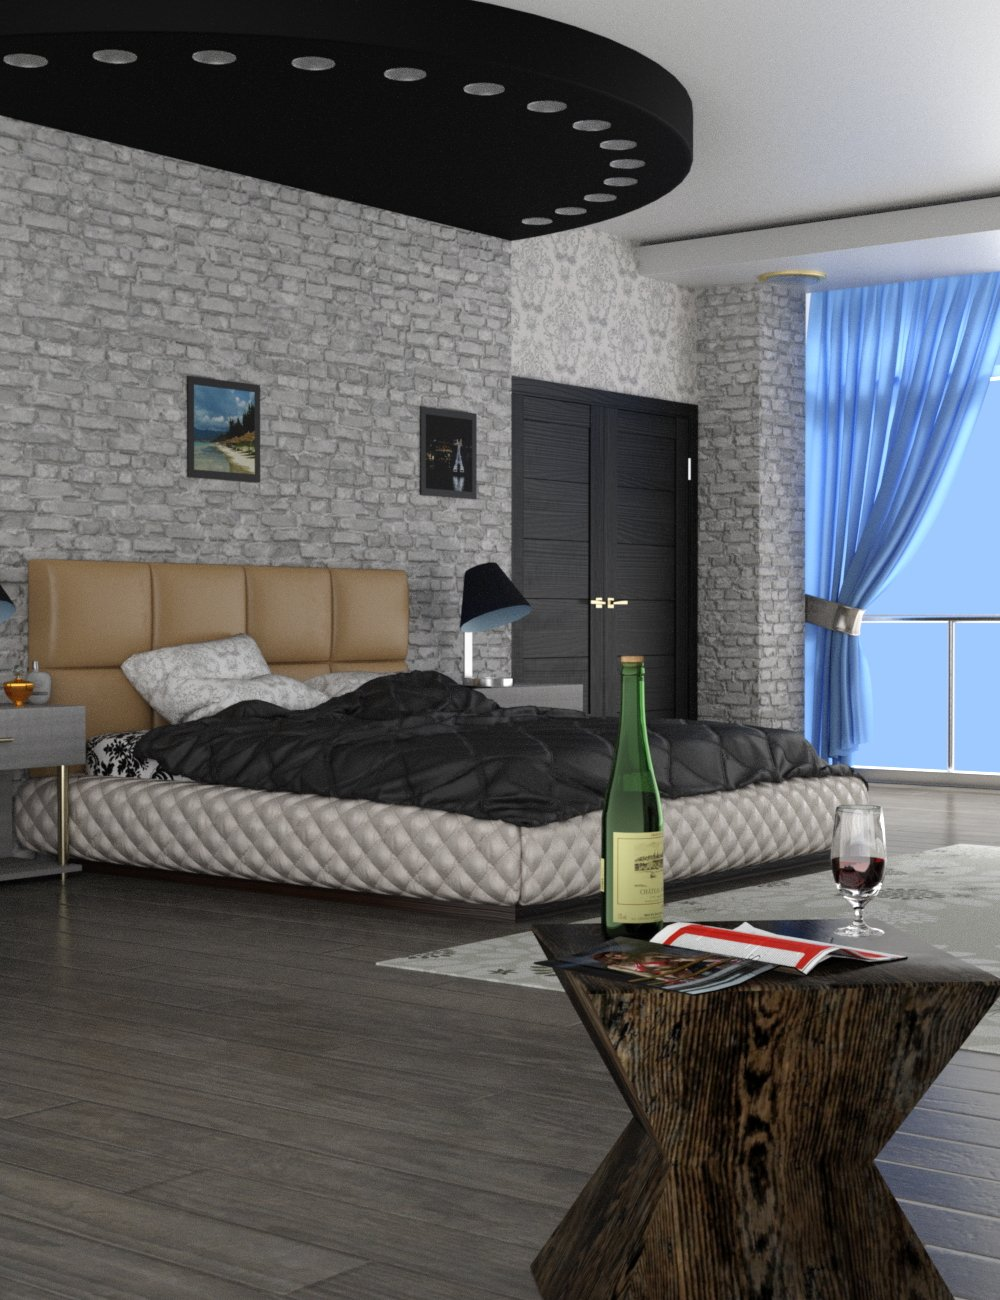 Slide3D - The Room by: Slide3D, 3D Models by Daz 3D